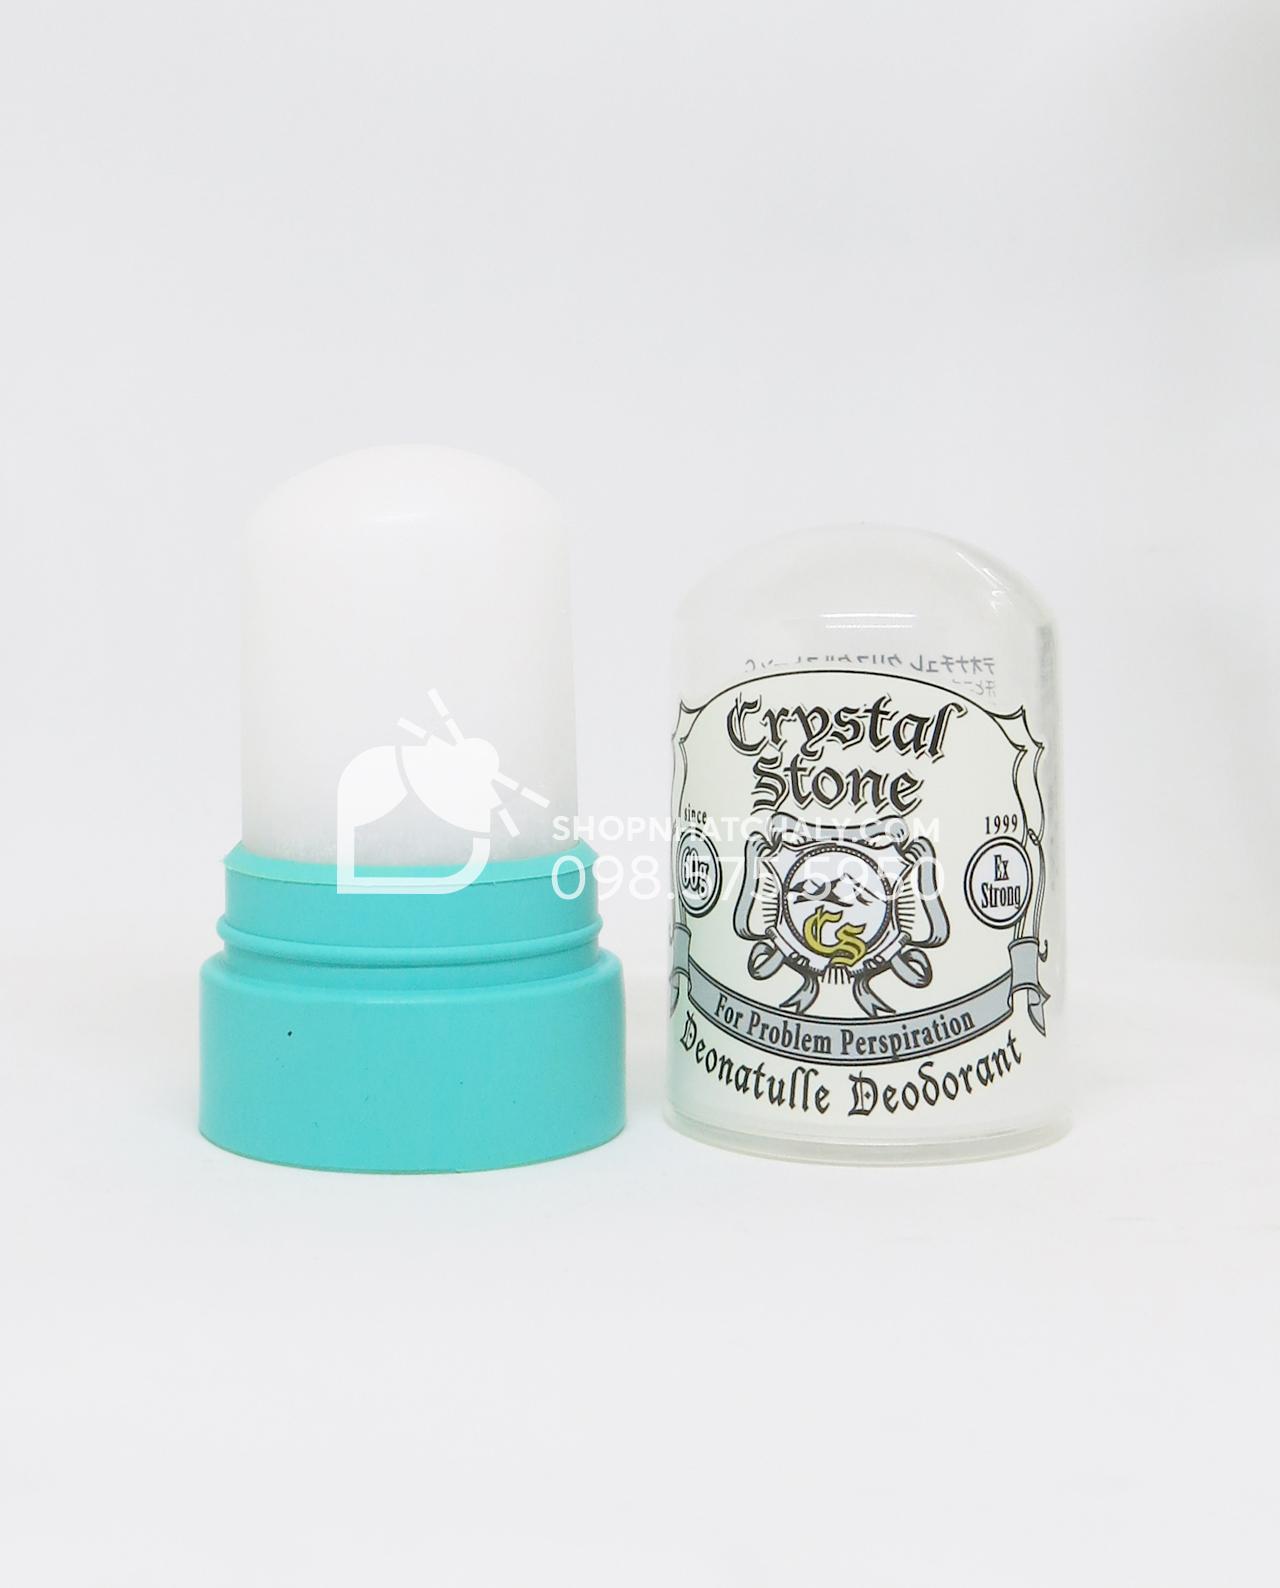 Đá khoáng khử mùi Crystal Stone Nhật Bản 60gr bên trong